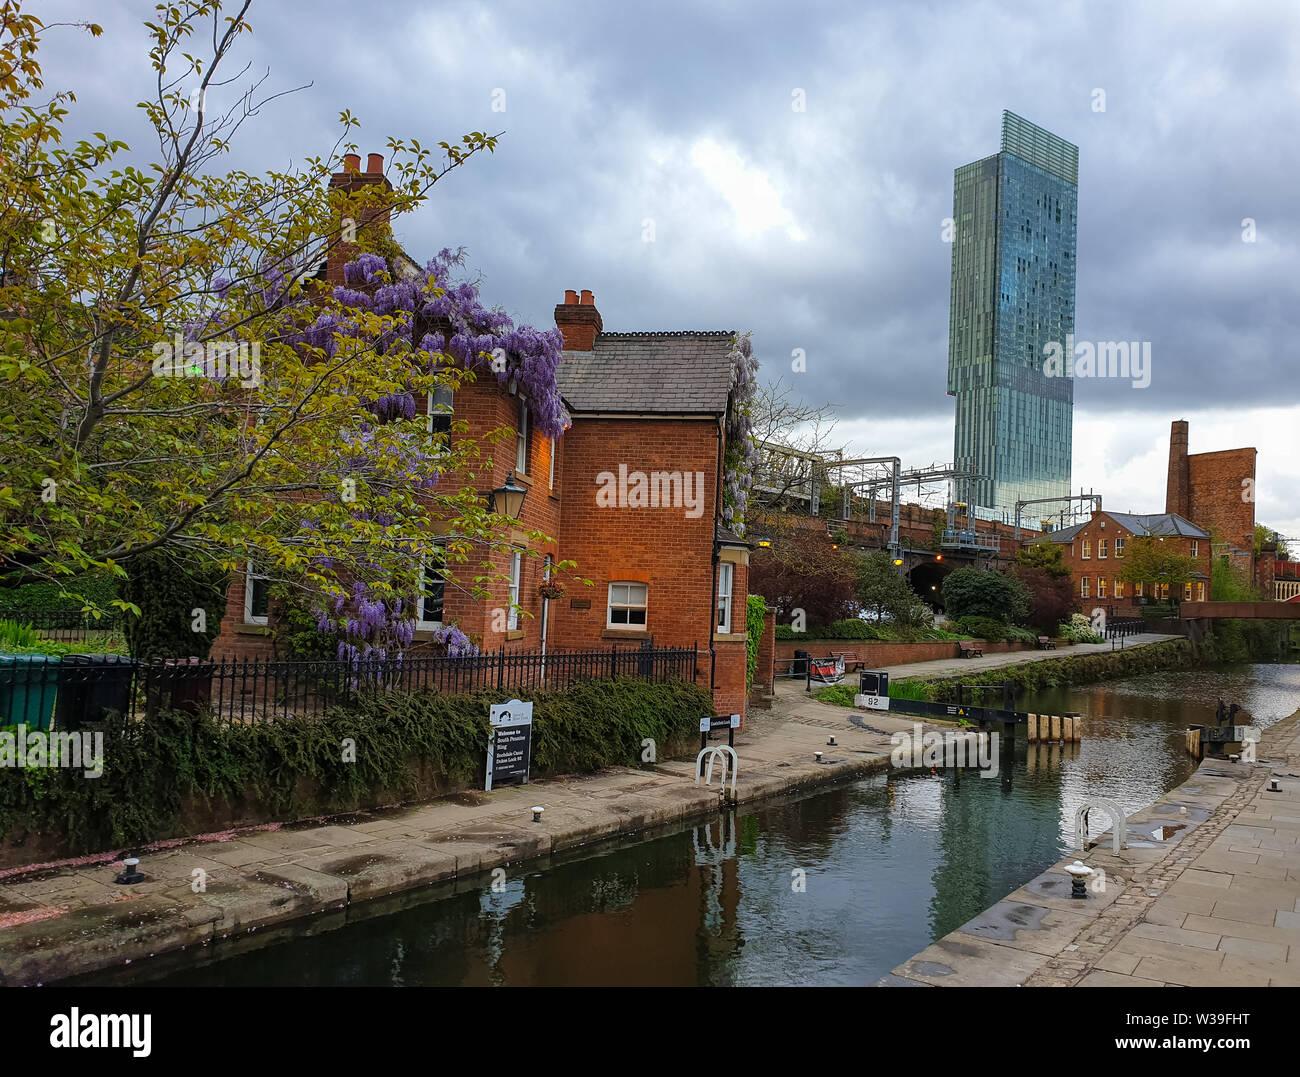 Manchester, Regno Unito - 25 Aprile 2019: scena atmosferica del vittoriano ristrutturato il sistema di canale in Castlefield area di Manchester Foto Stock